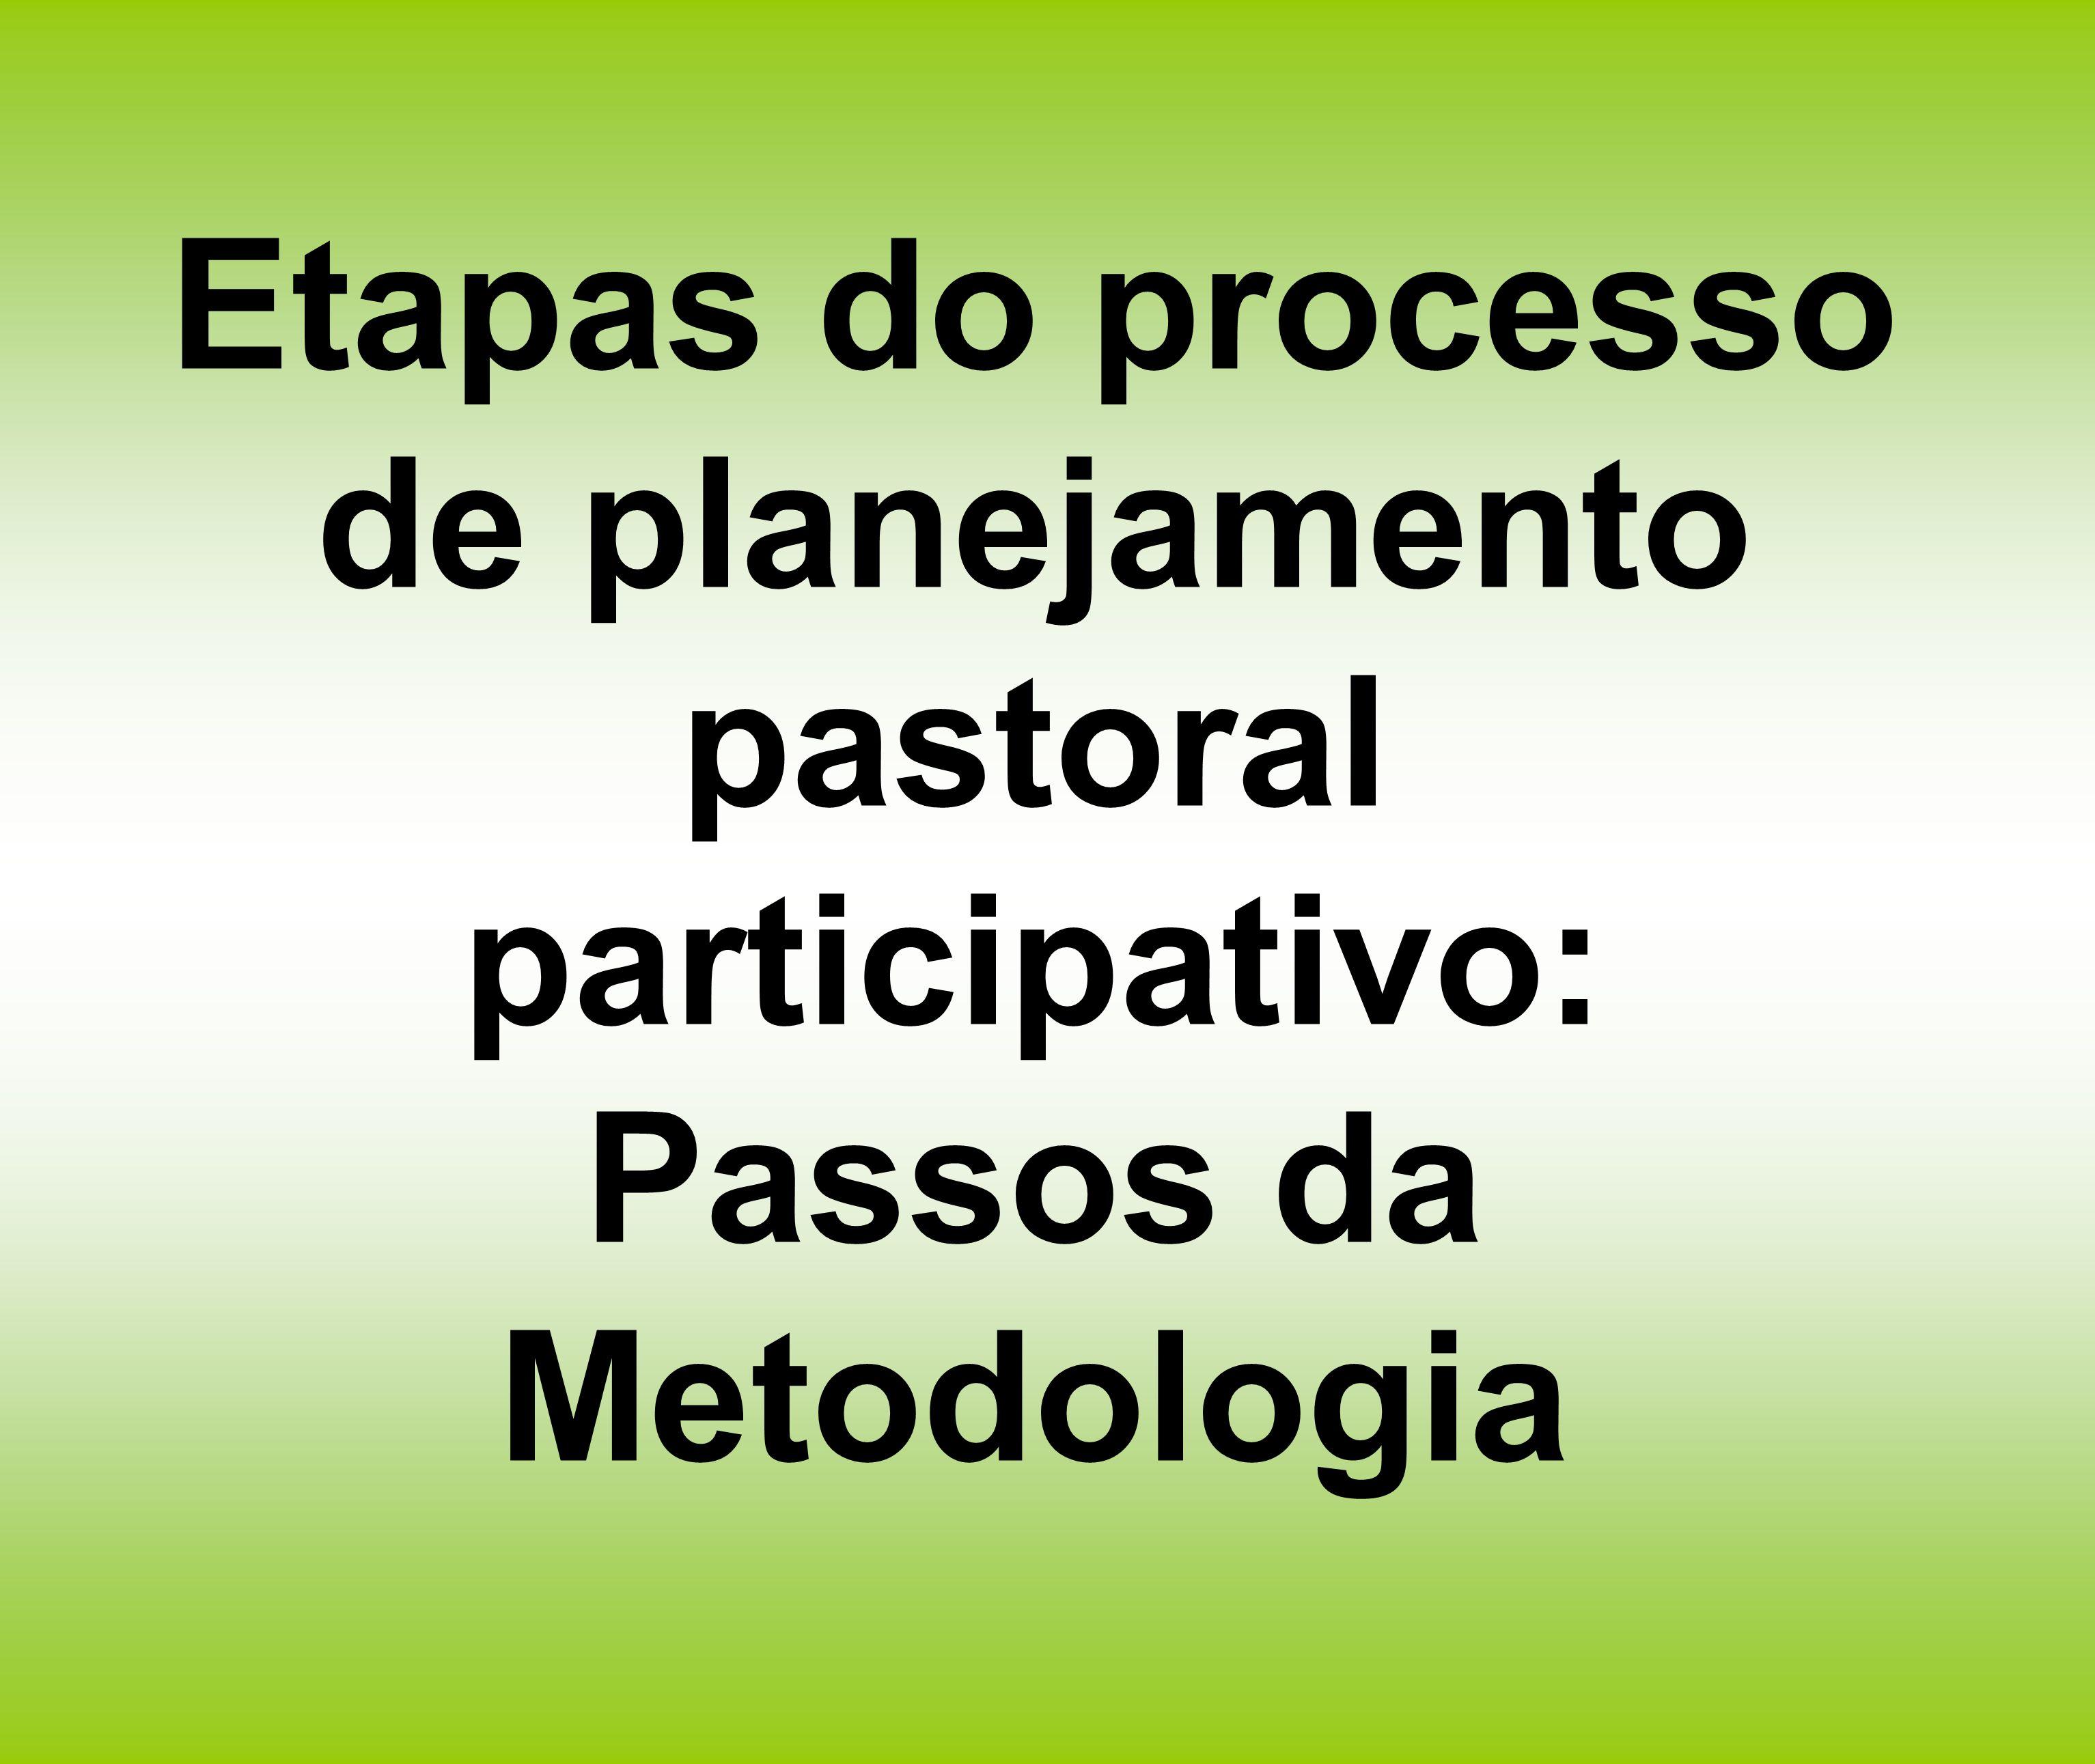 Etapas do processo de planejamento pastoral participativo: Passos da Metodologia